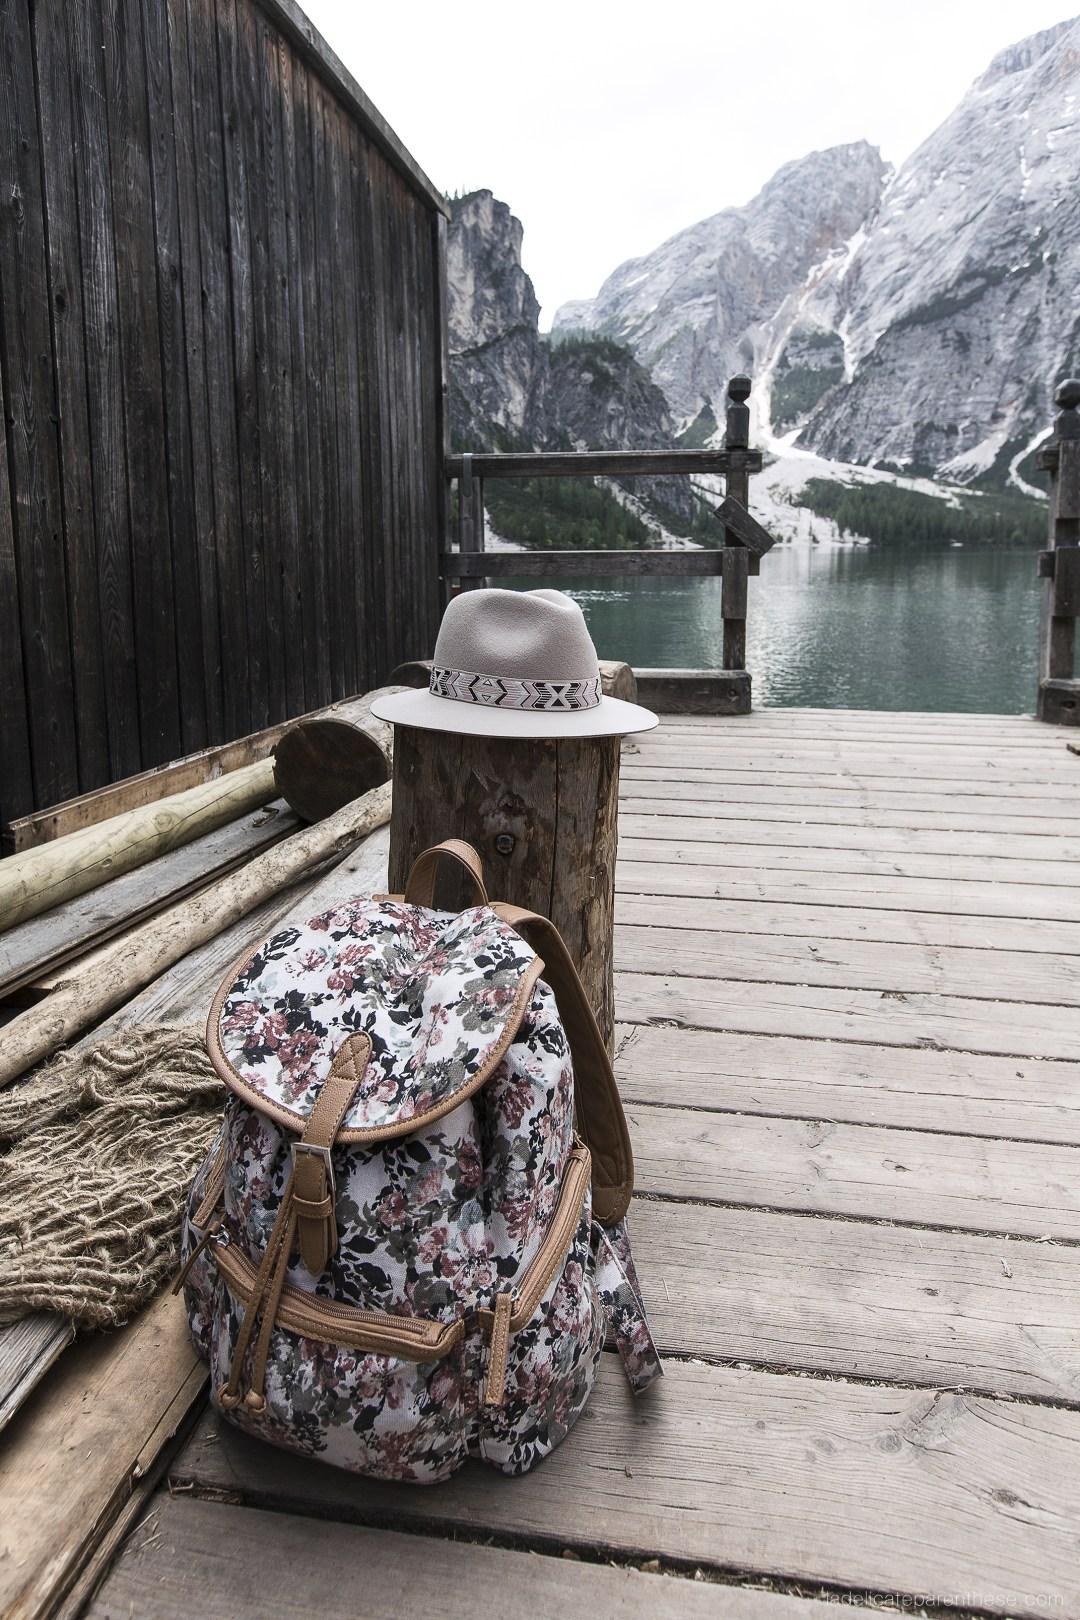 Pragser wildsee- lago di braies adventure